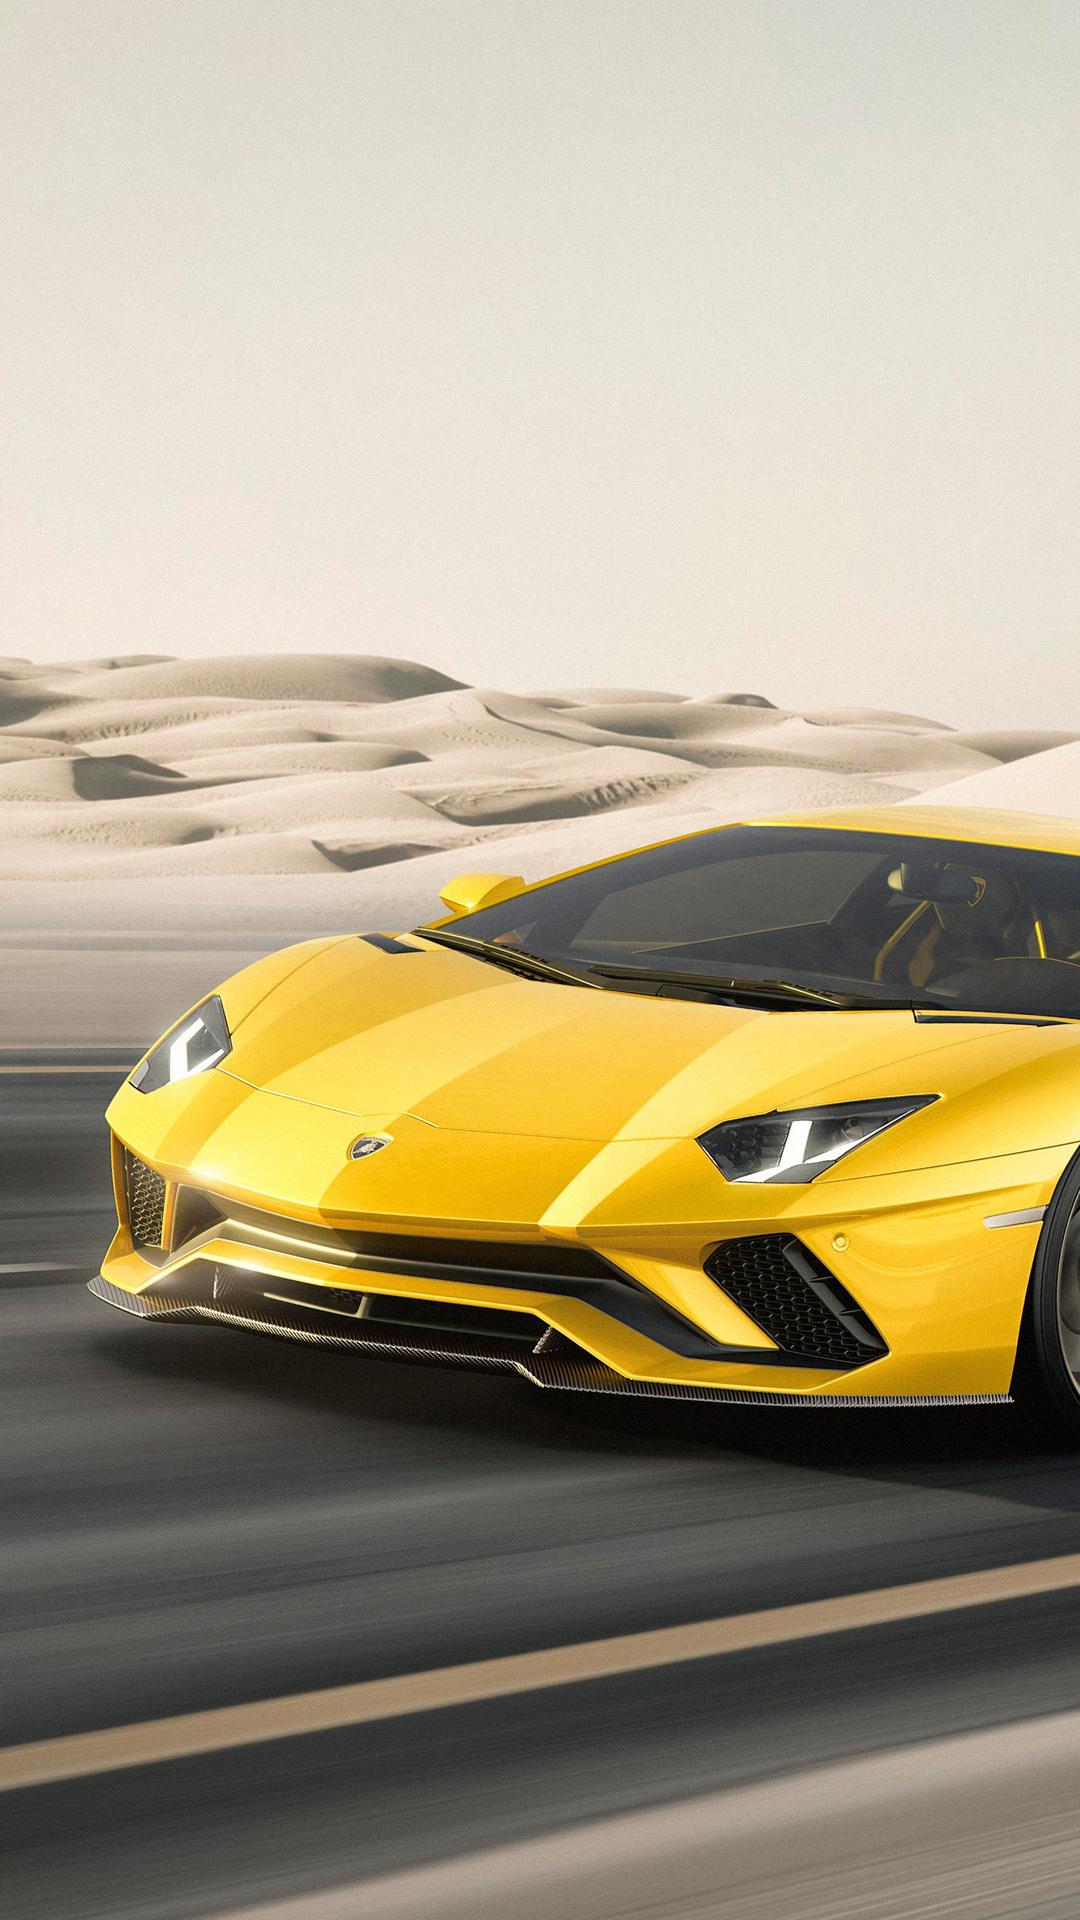 1080x1920 Lamborghini Aventador S Iphone 7 6s 6 Plus Pixel Xl One